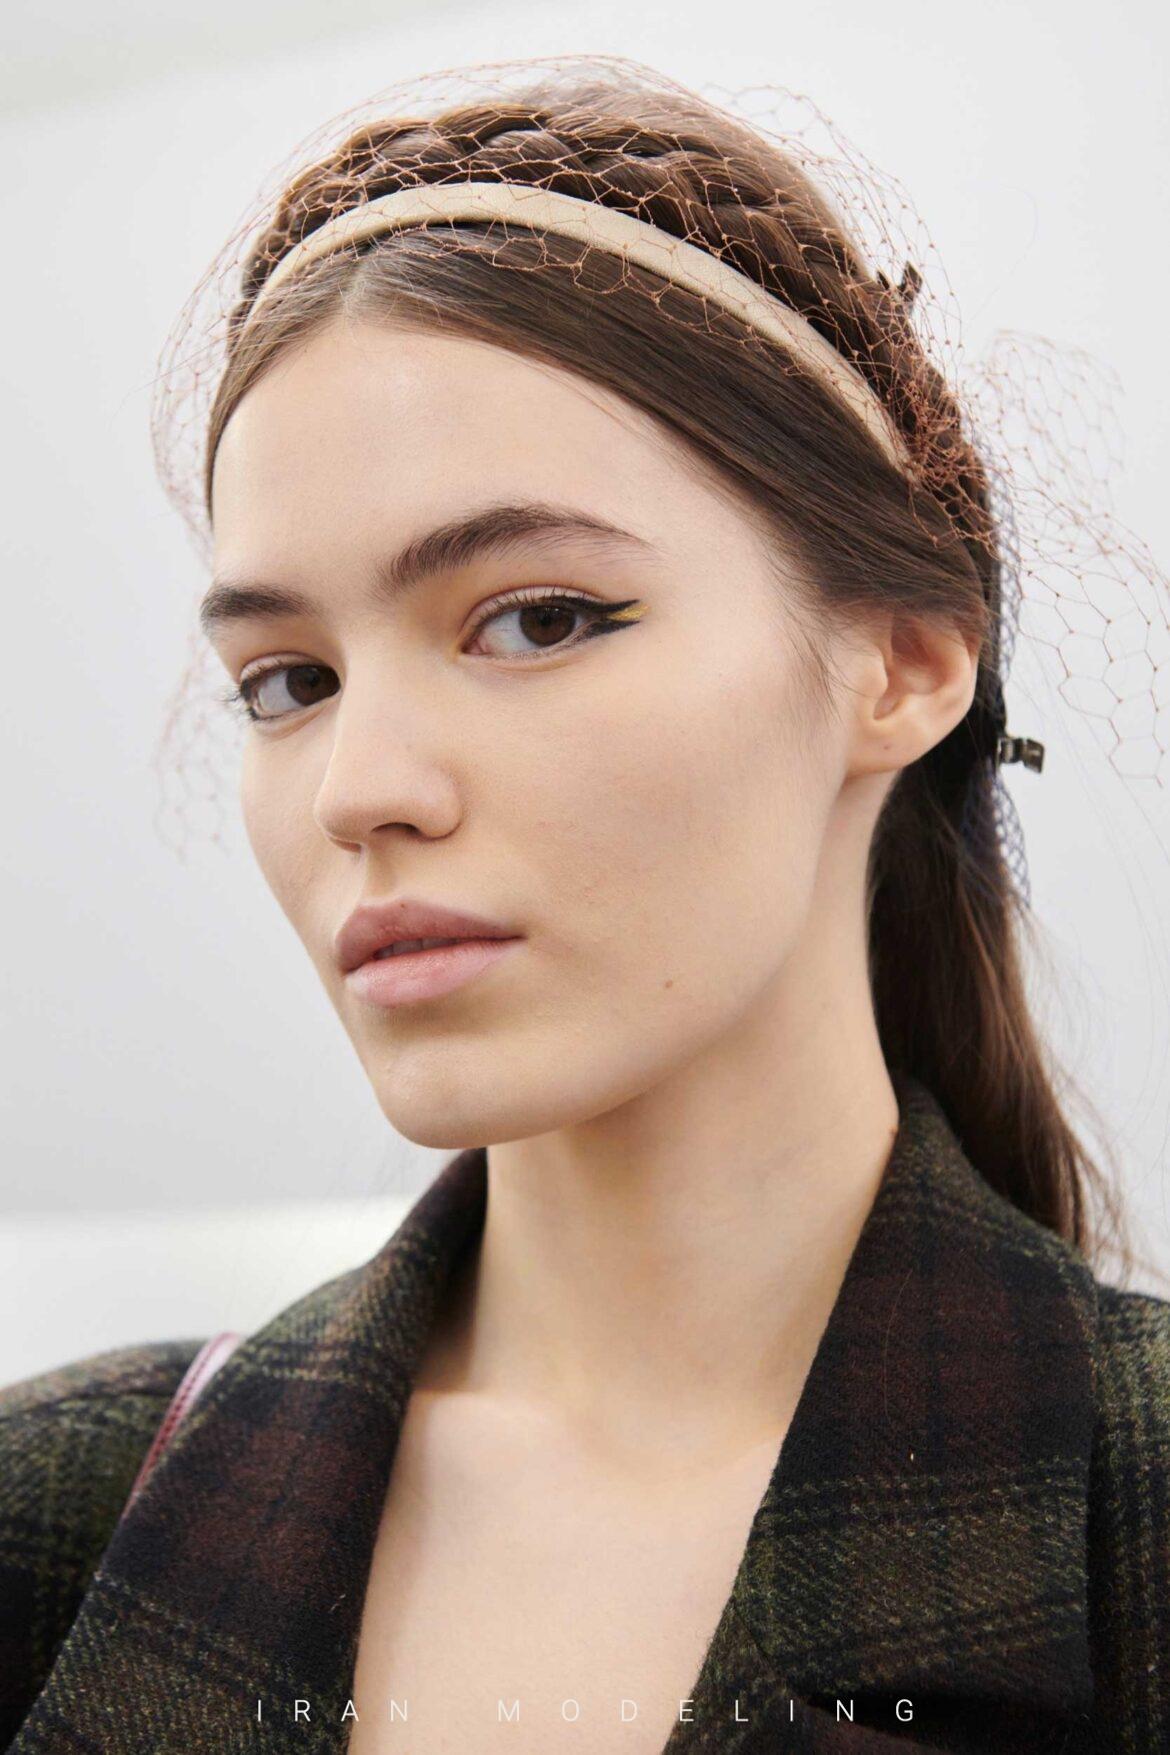 19 مدل مو زنانه جدید و زیبا مناسب جشن های مختلف